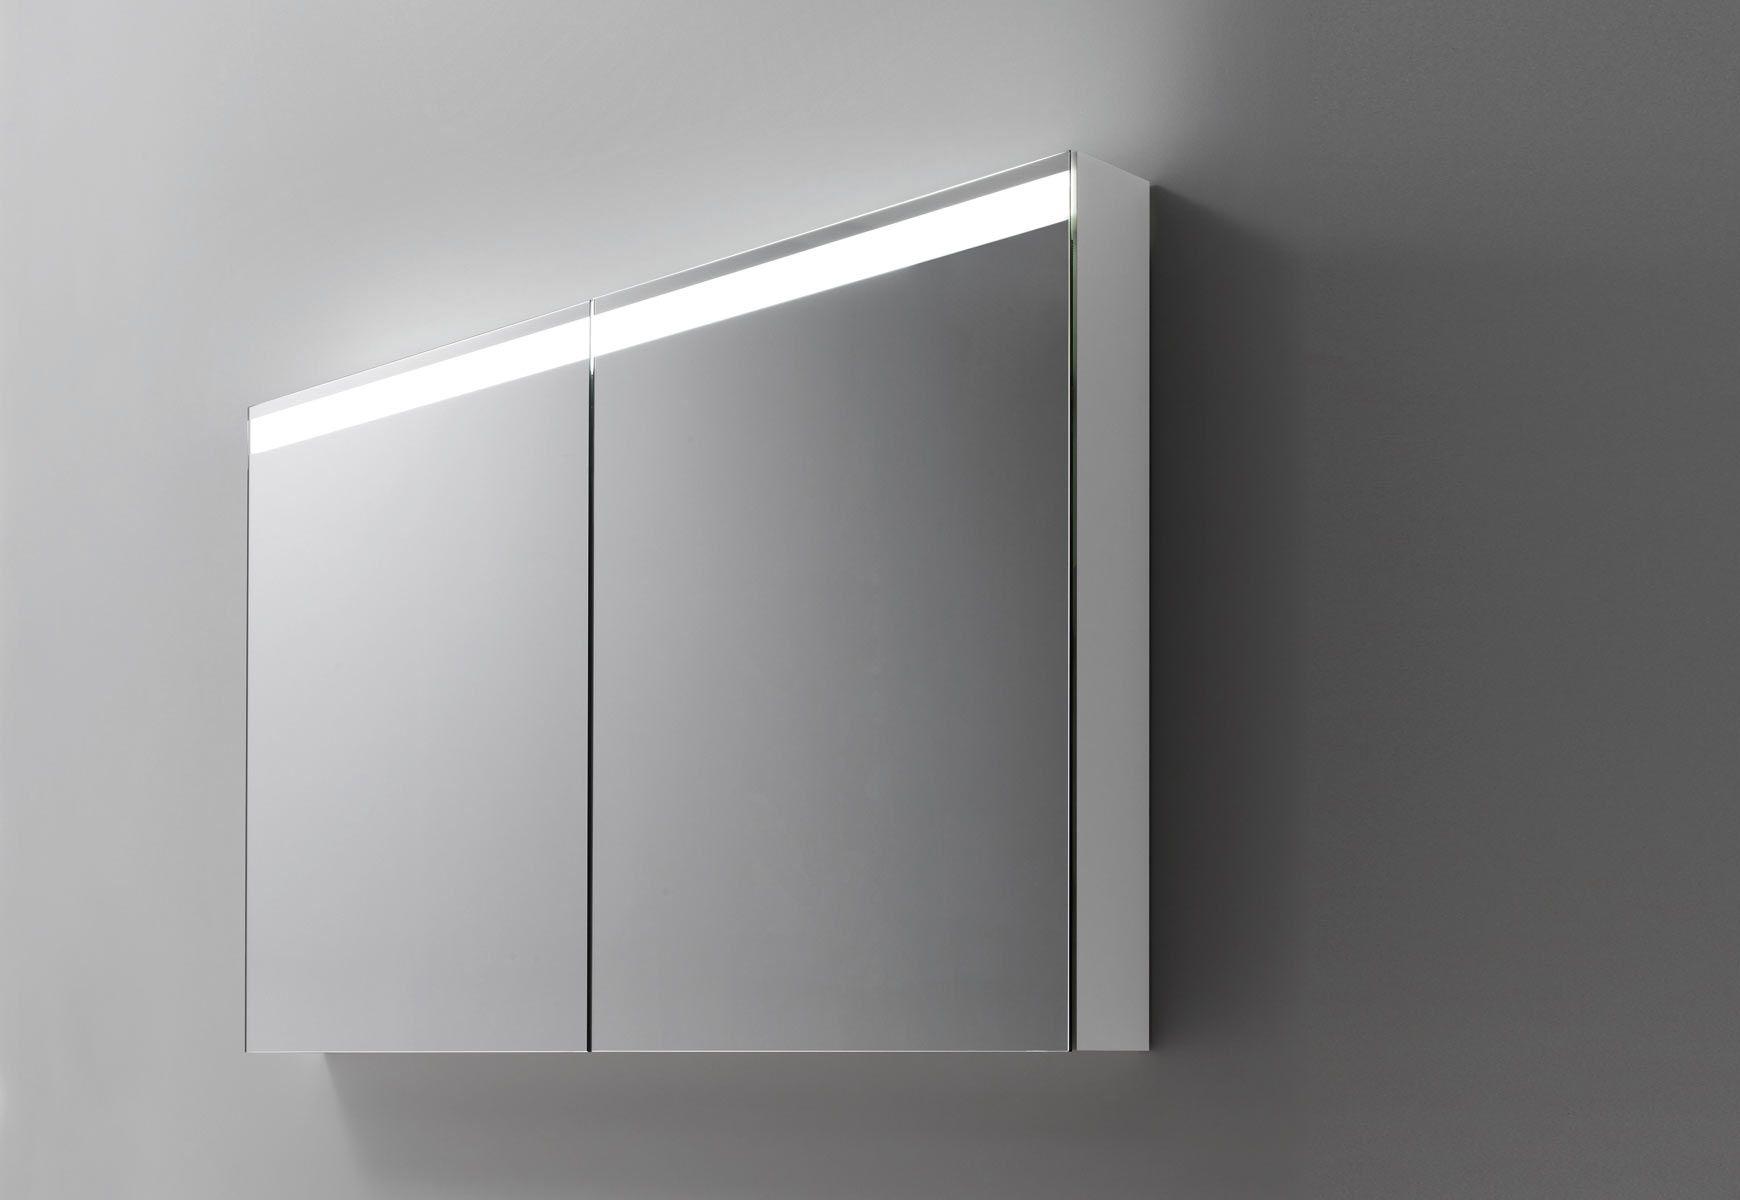 talsee LED Spiegelschrank level mit ausgeklügelter Leuchte   wohnen ...